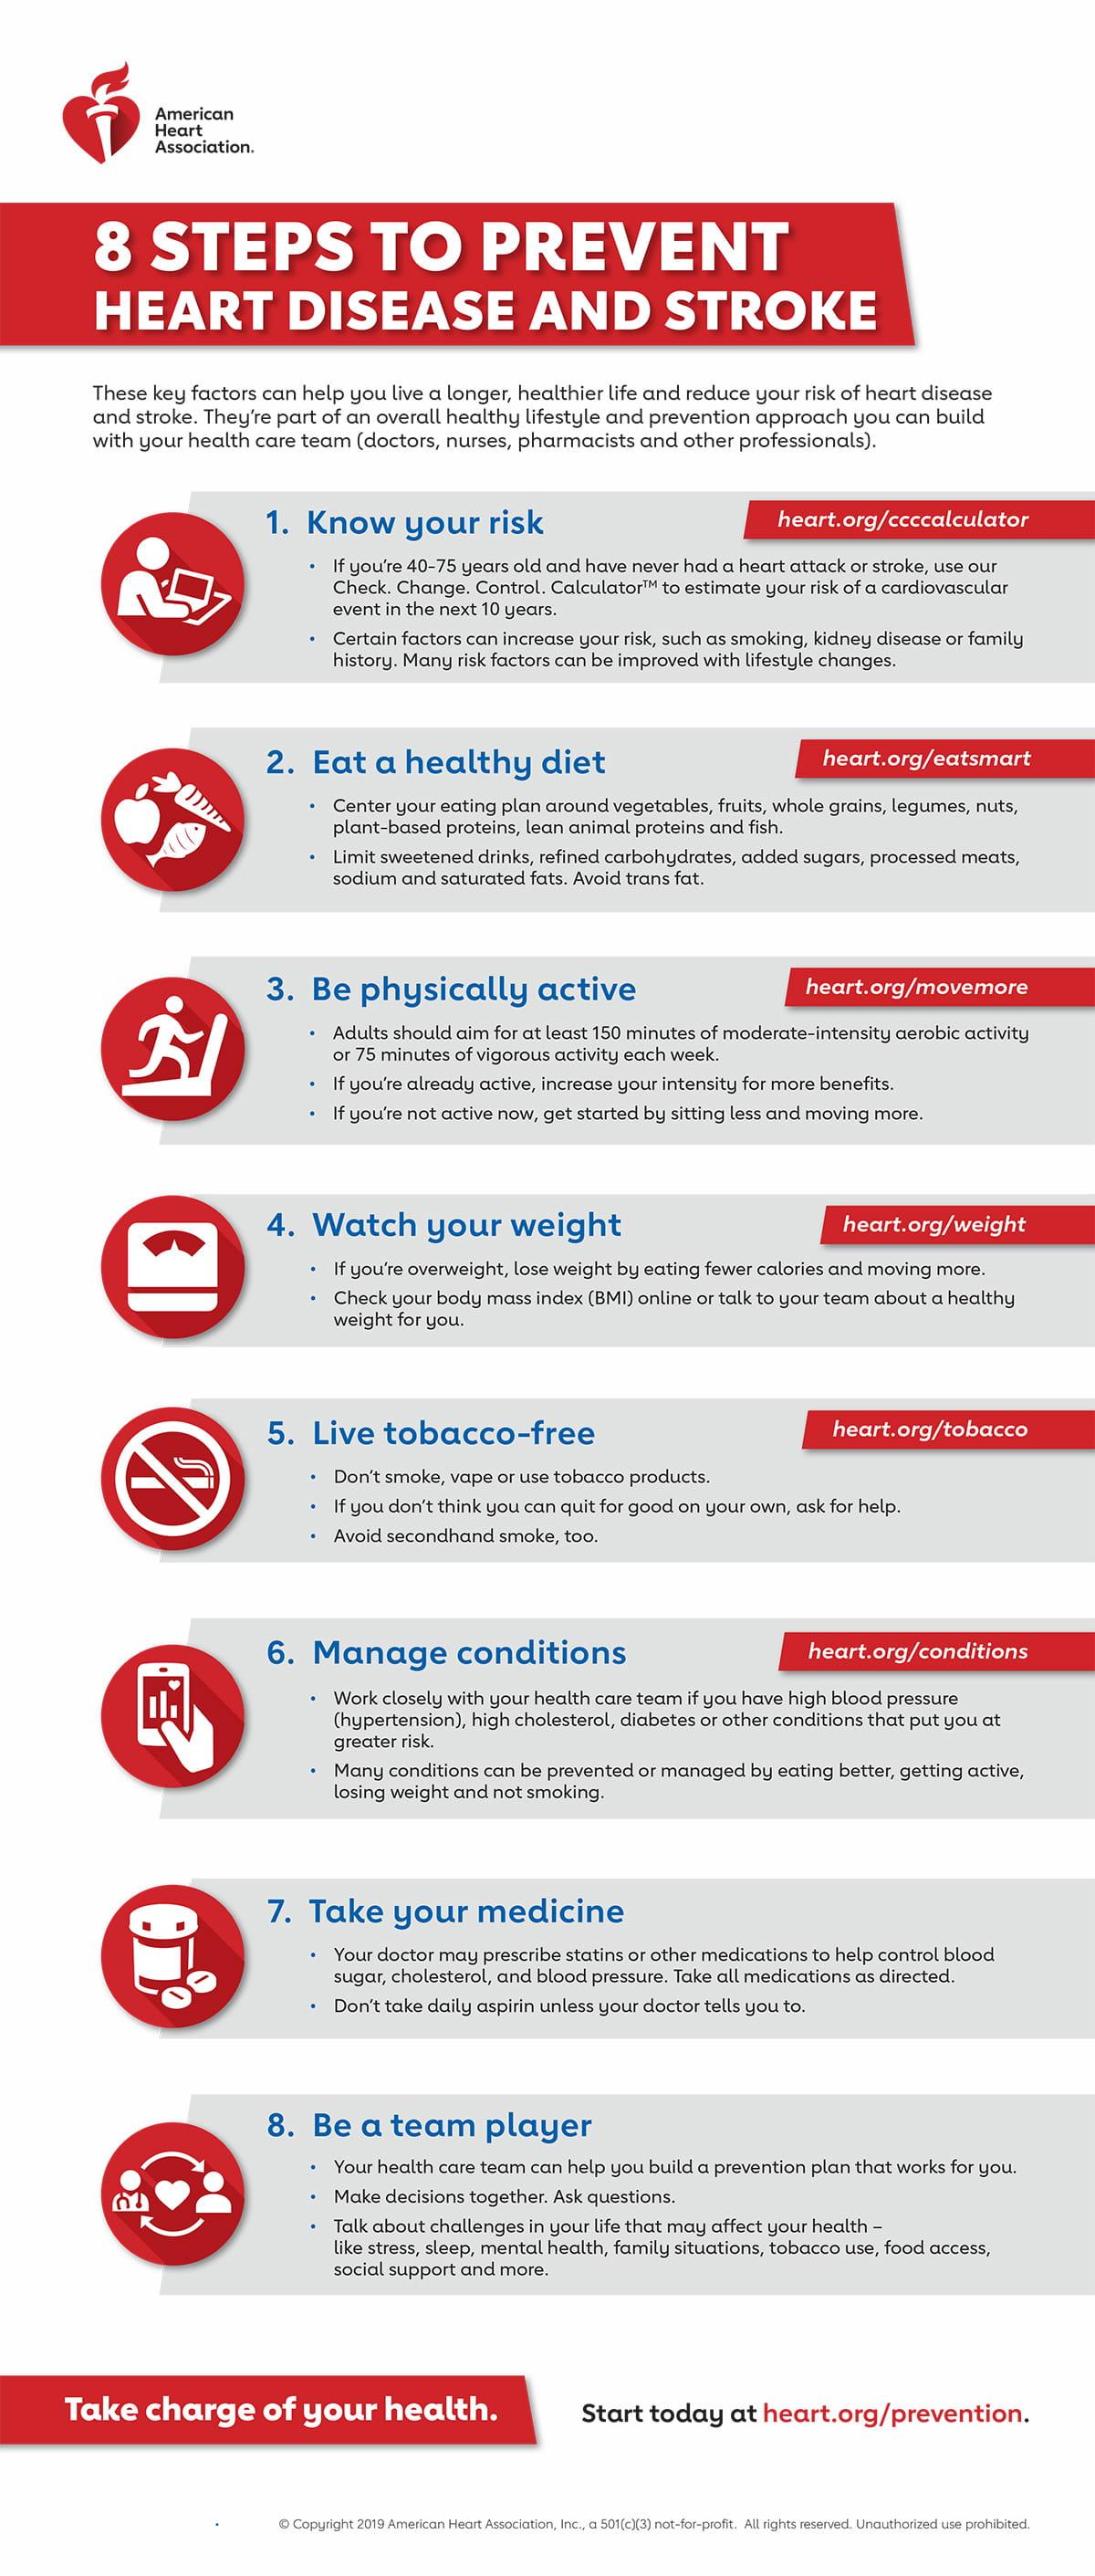 Ocho pasos para prevenir cardiopatías y derrames cerebrales